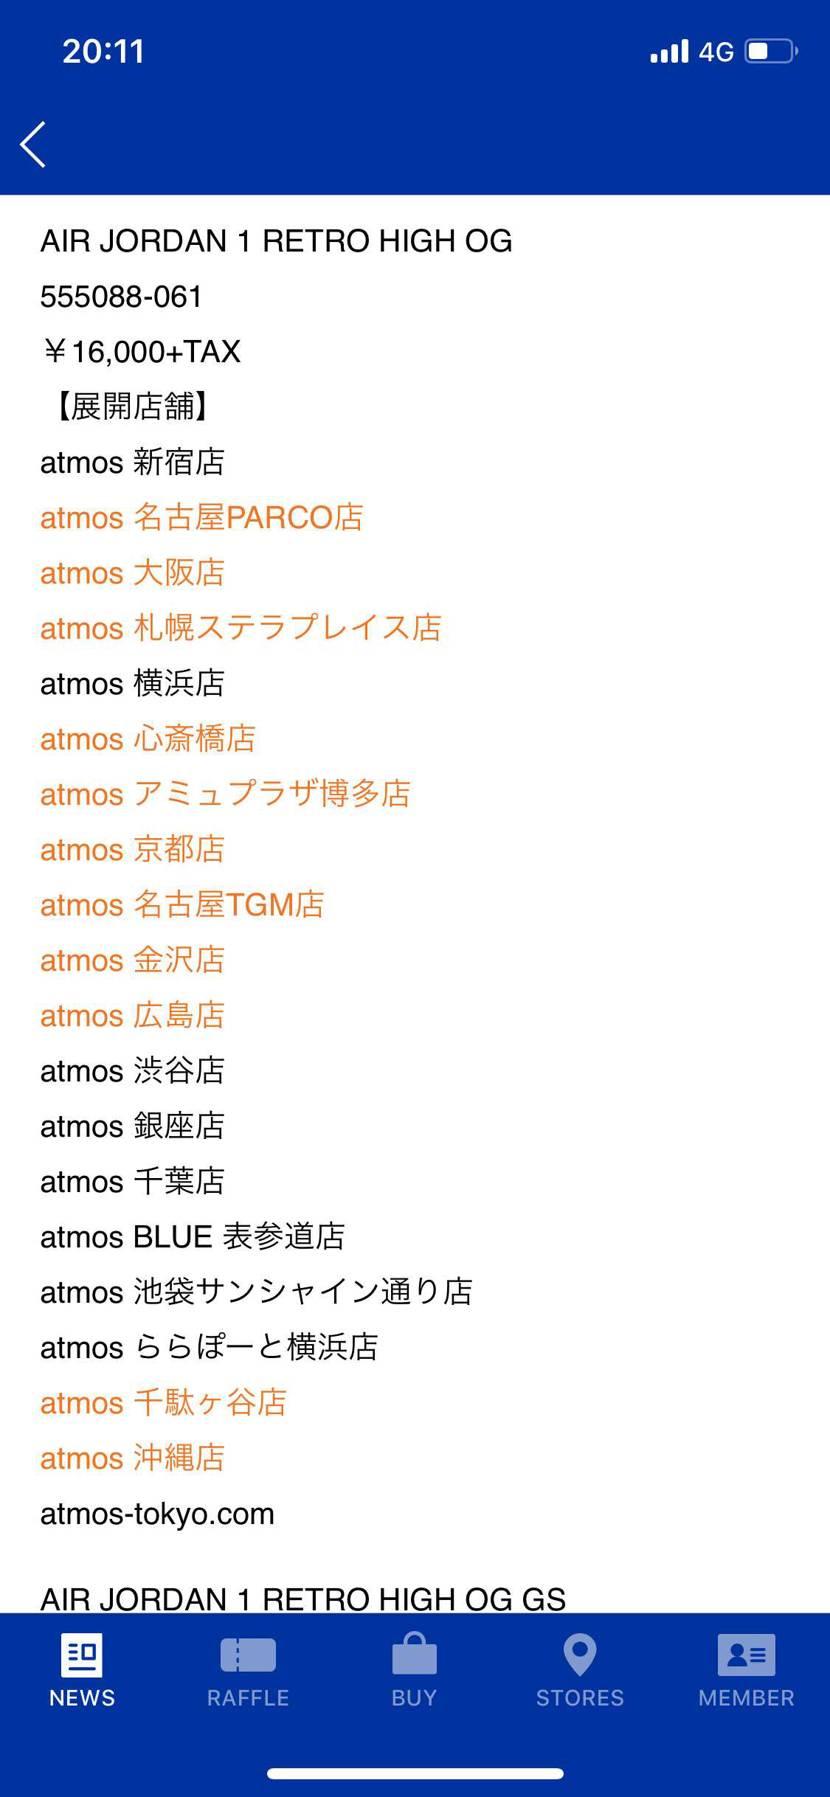 無事大阪エリアの店舗でも店頭抽選の詳細発表されましたね👍 ドレコも。  案